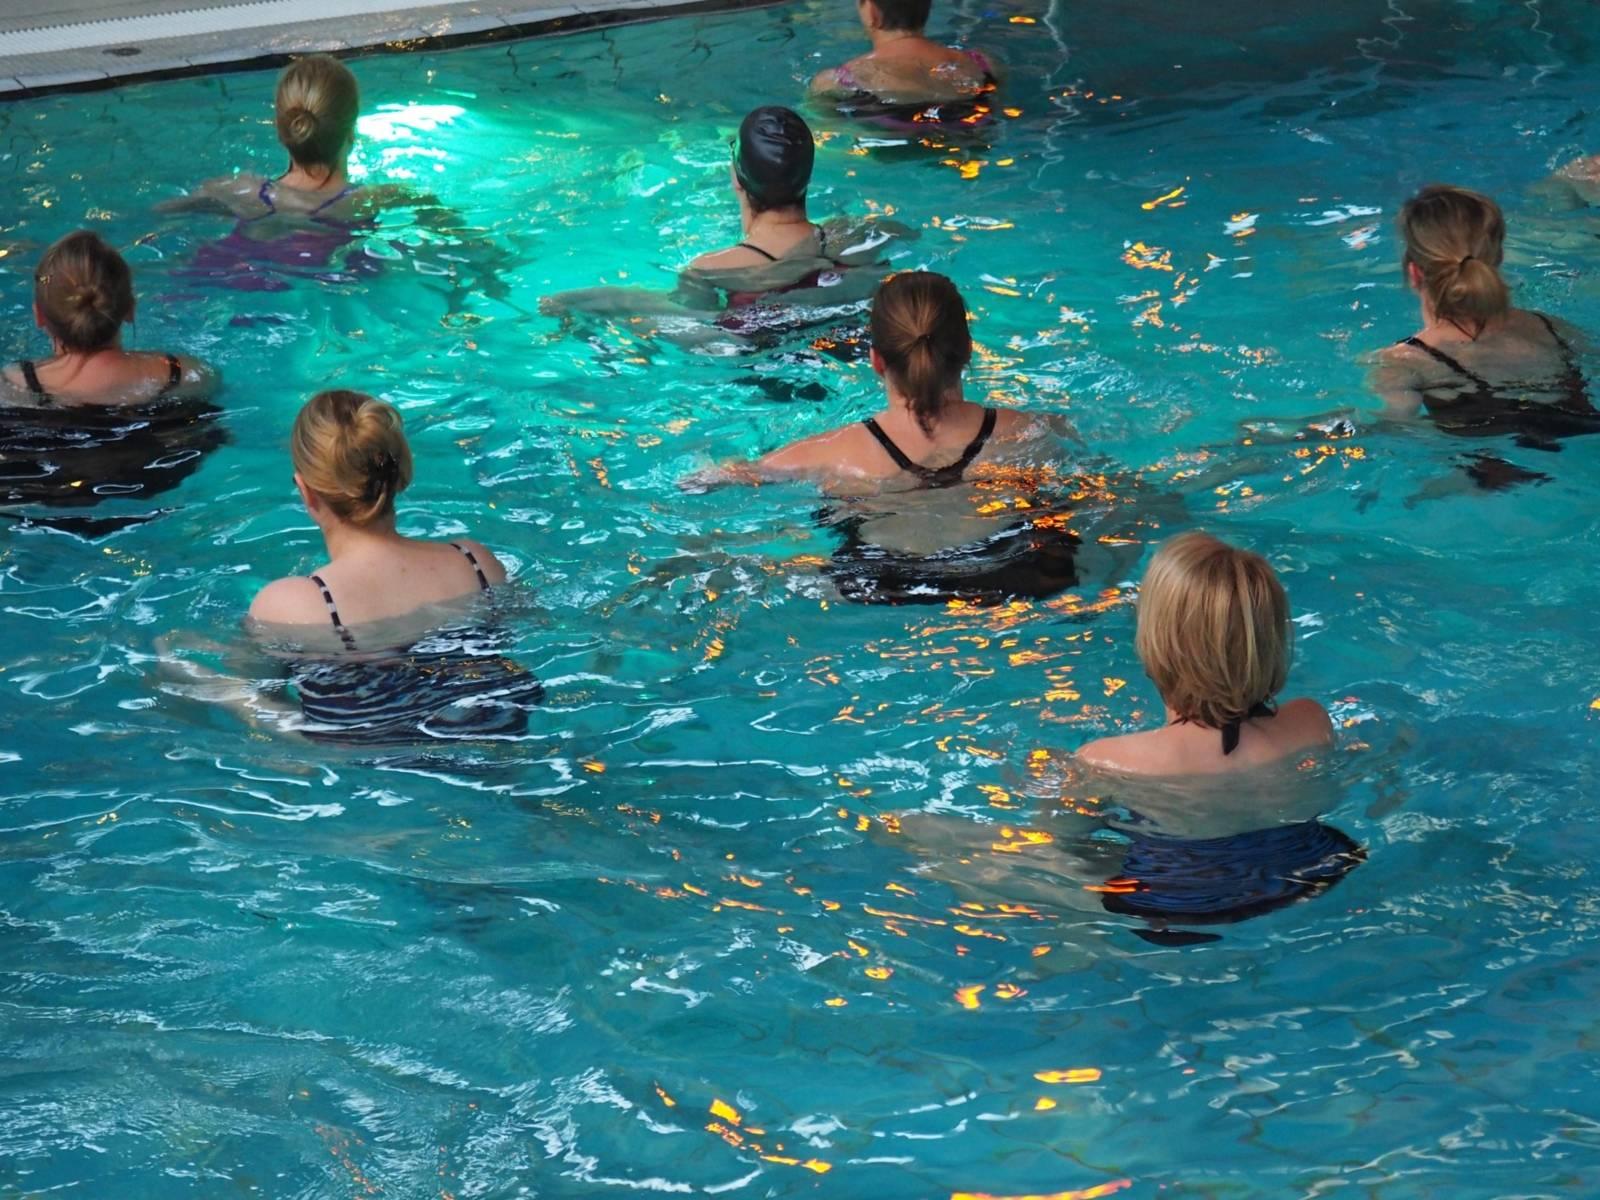 Frauen in einem Schwimmbad.